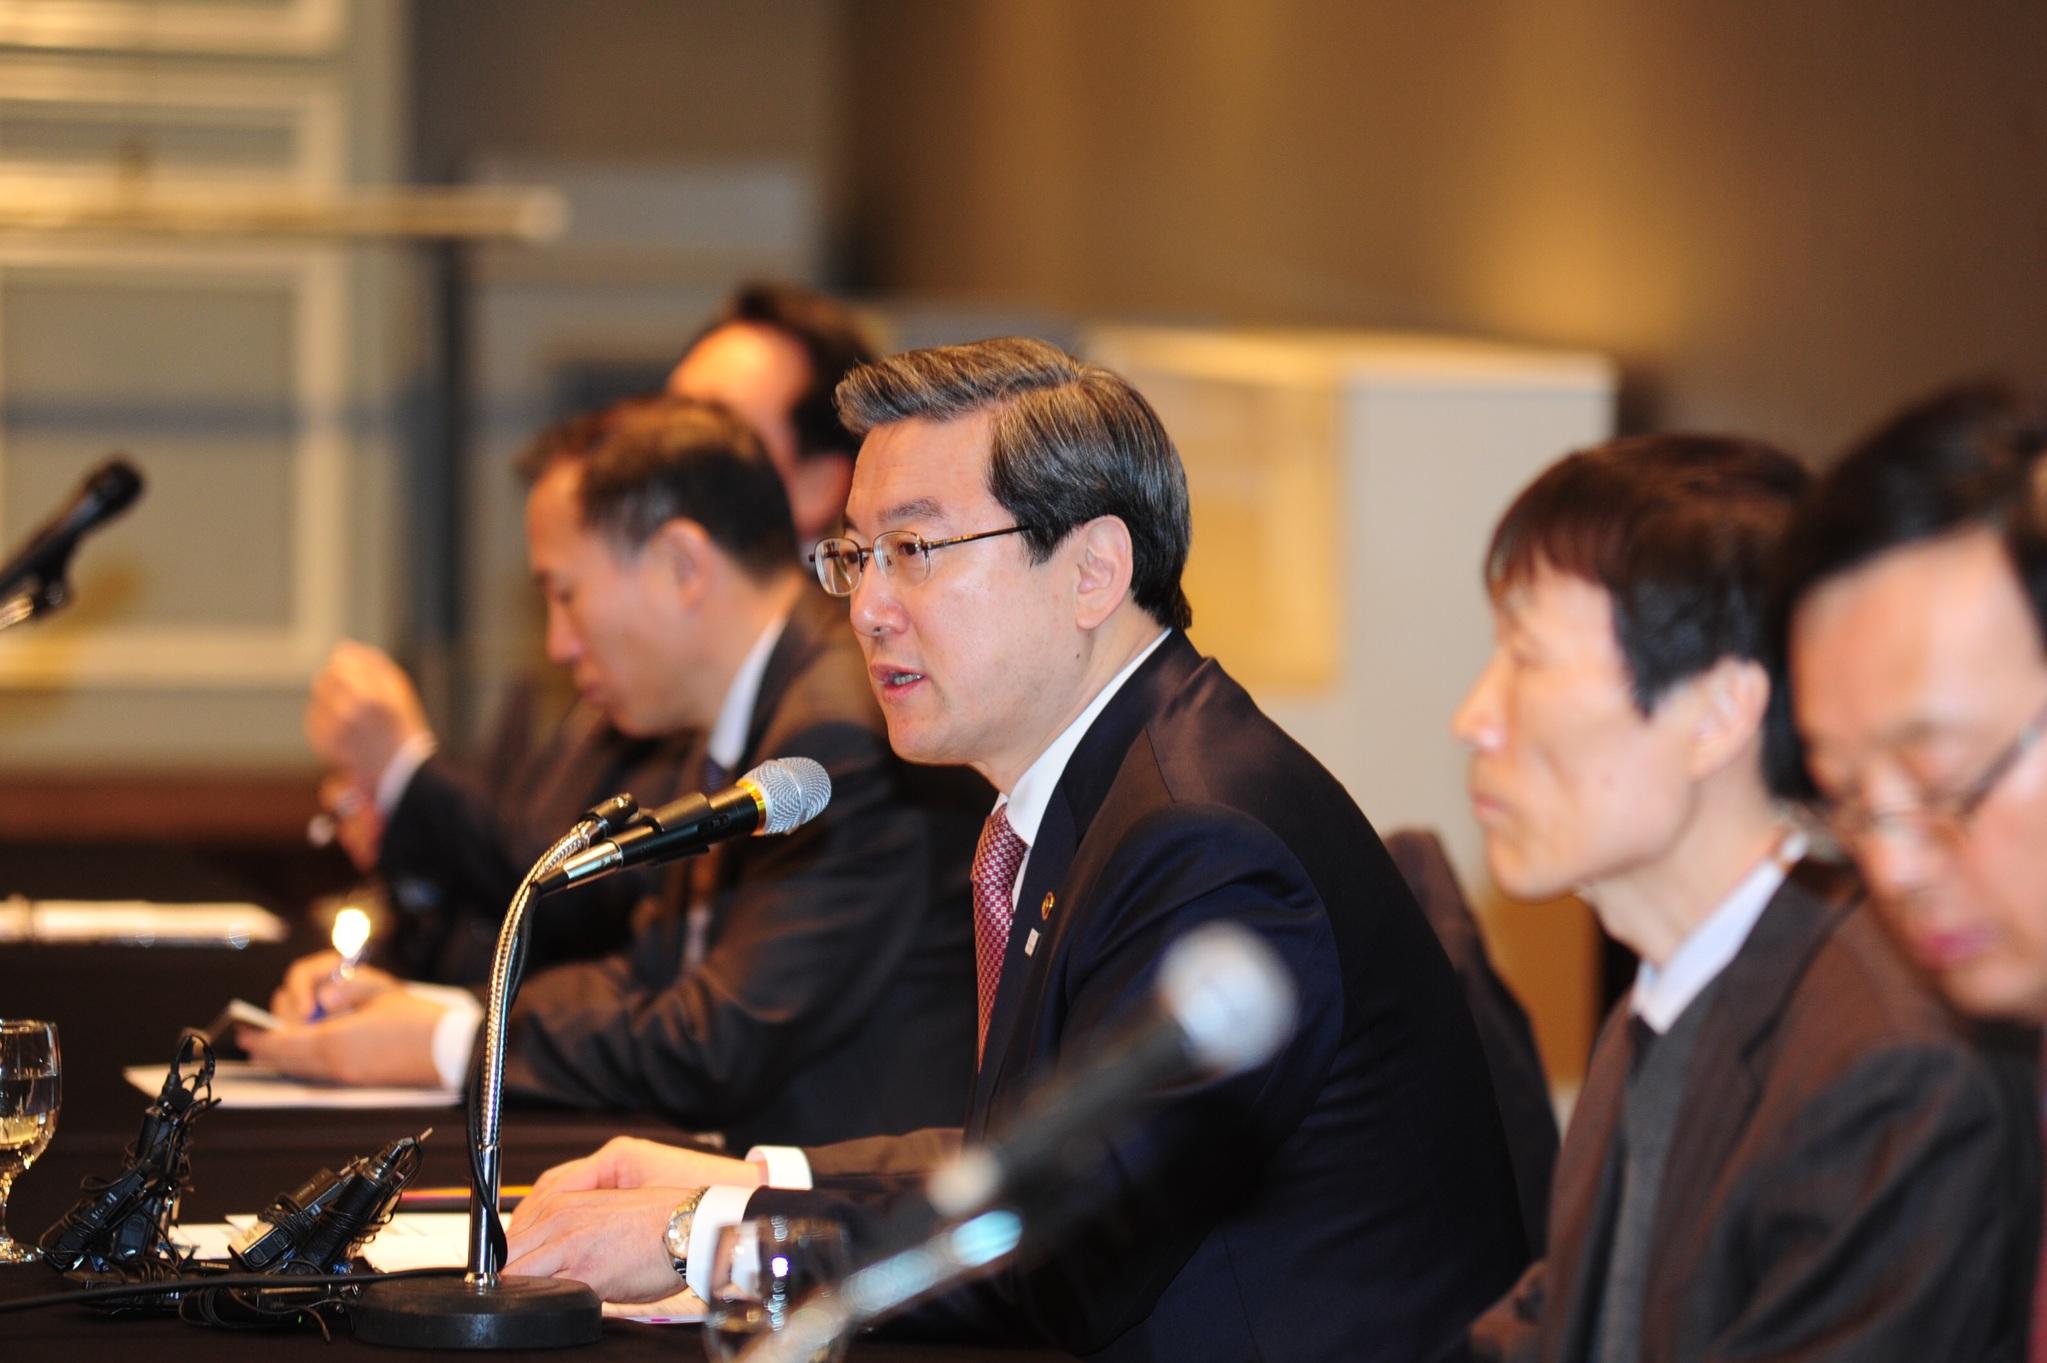 중소기업청 주최로 열린 '대(對) 중국 수출중소기업 간담회' [사진 중소기업청]